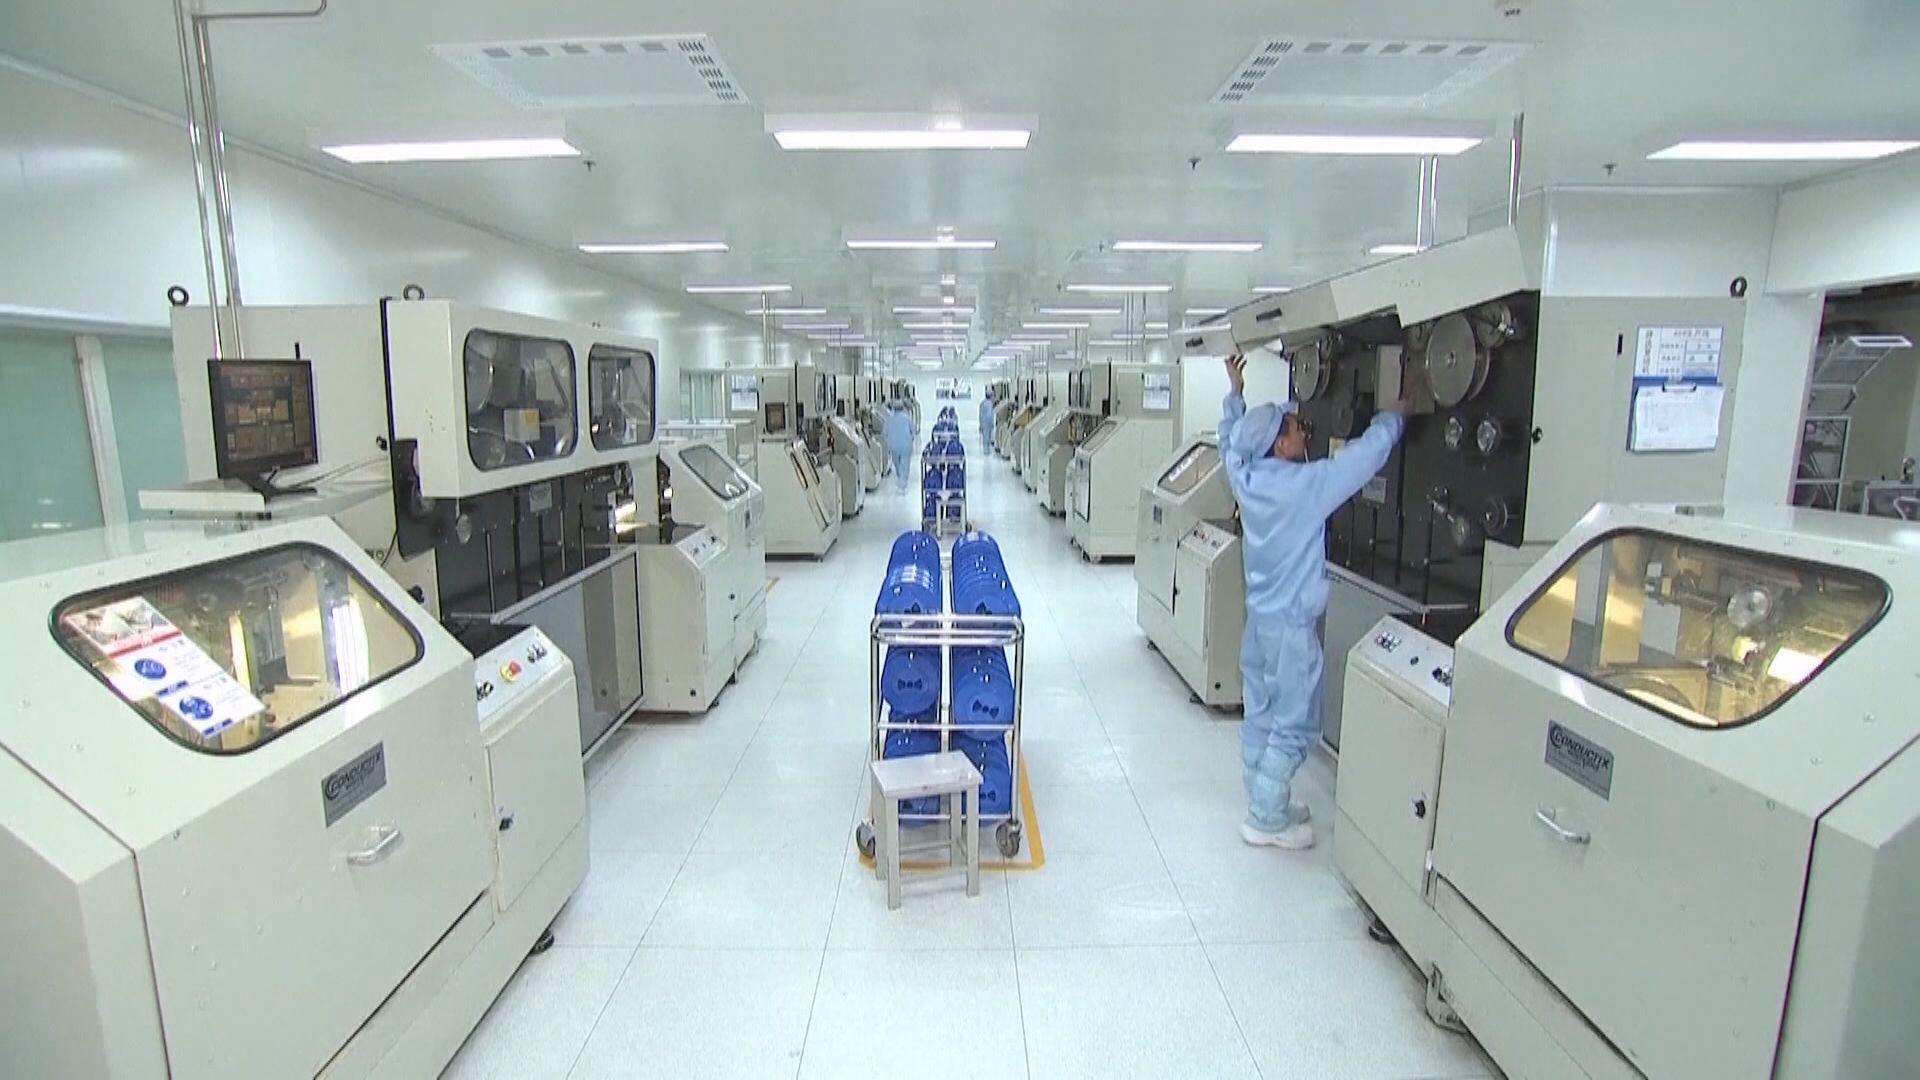 【疫情影響】美商會:三分一工廠無法開工 或遷出中國